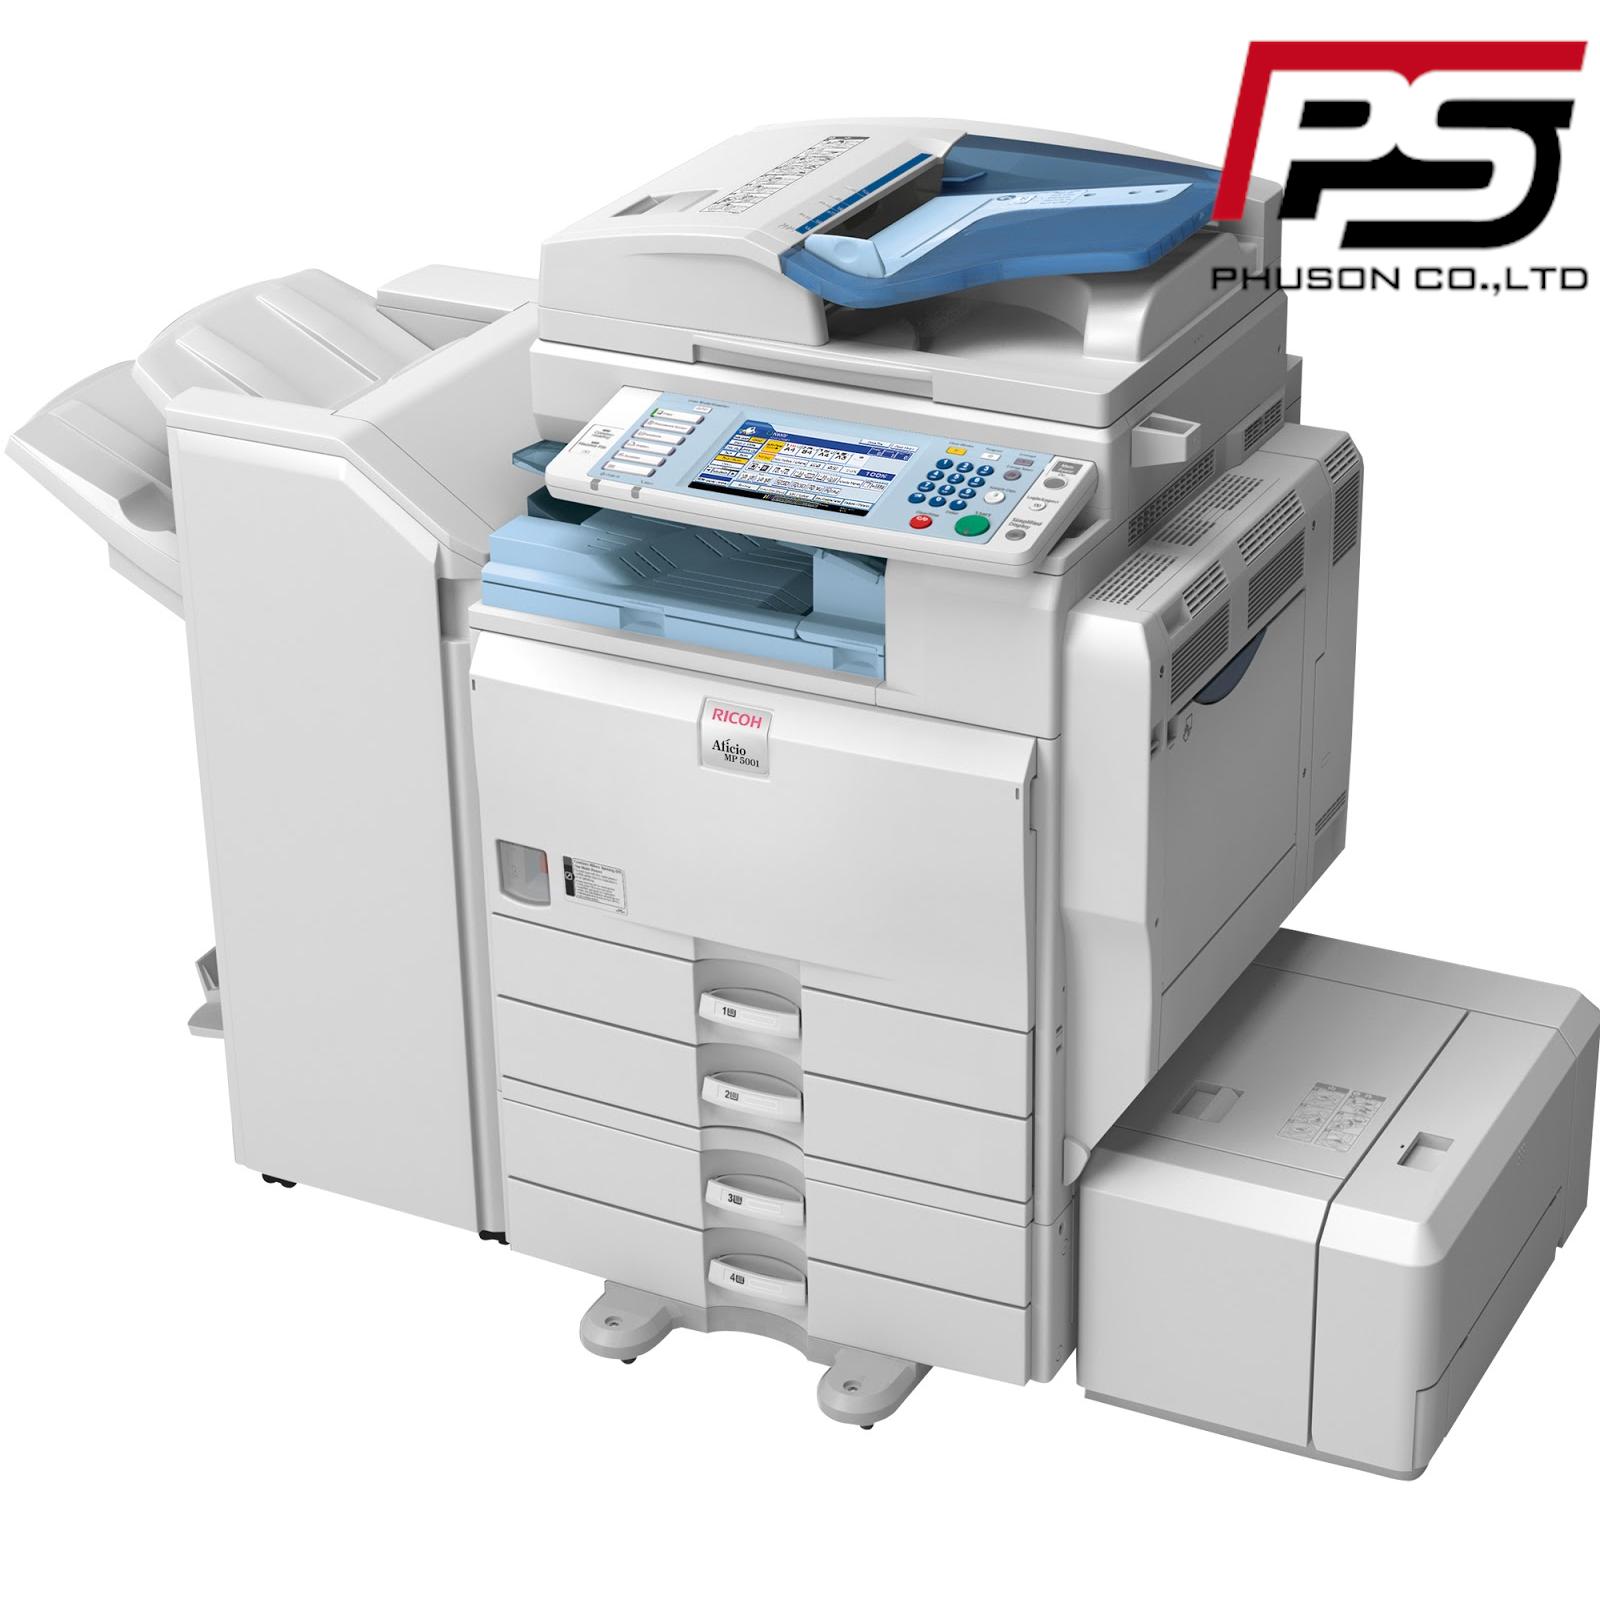 Thuê máy Photocopy Ricoh Aficio MP 5000B